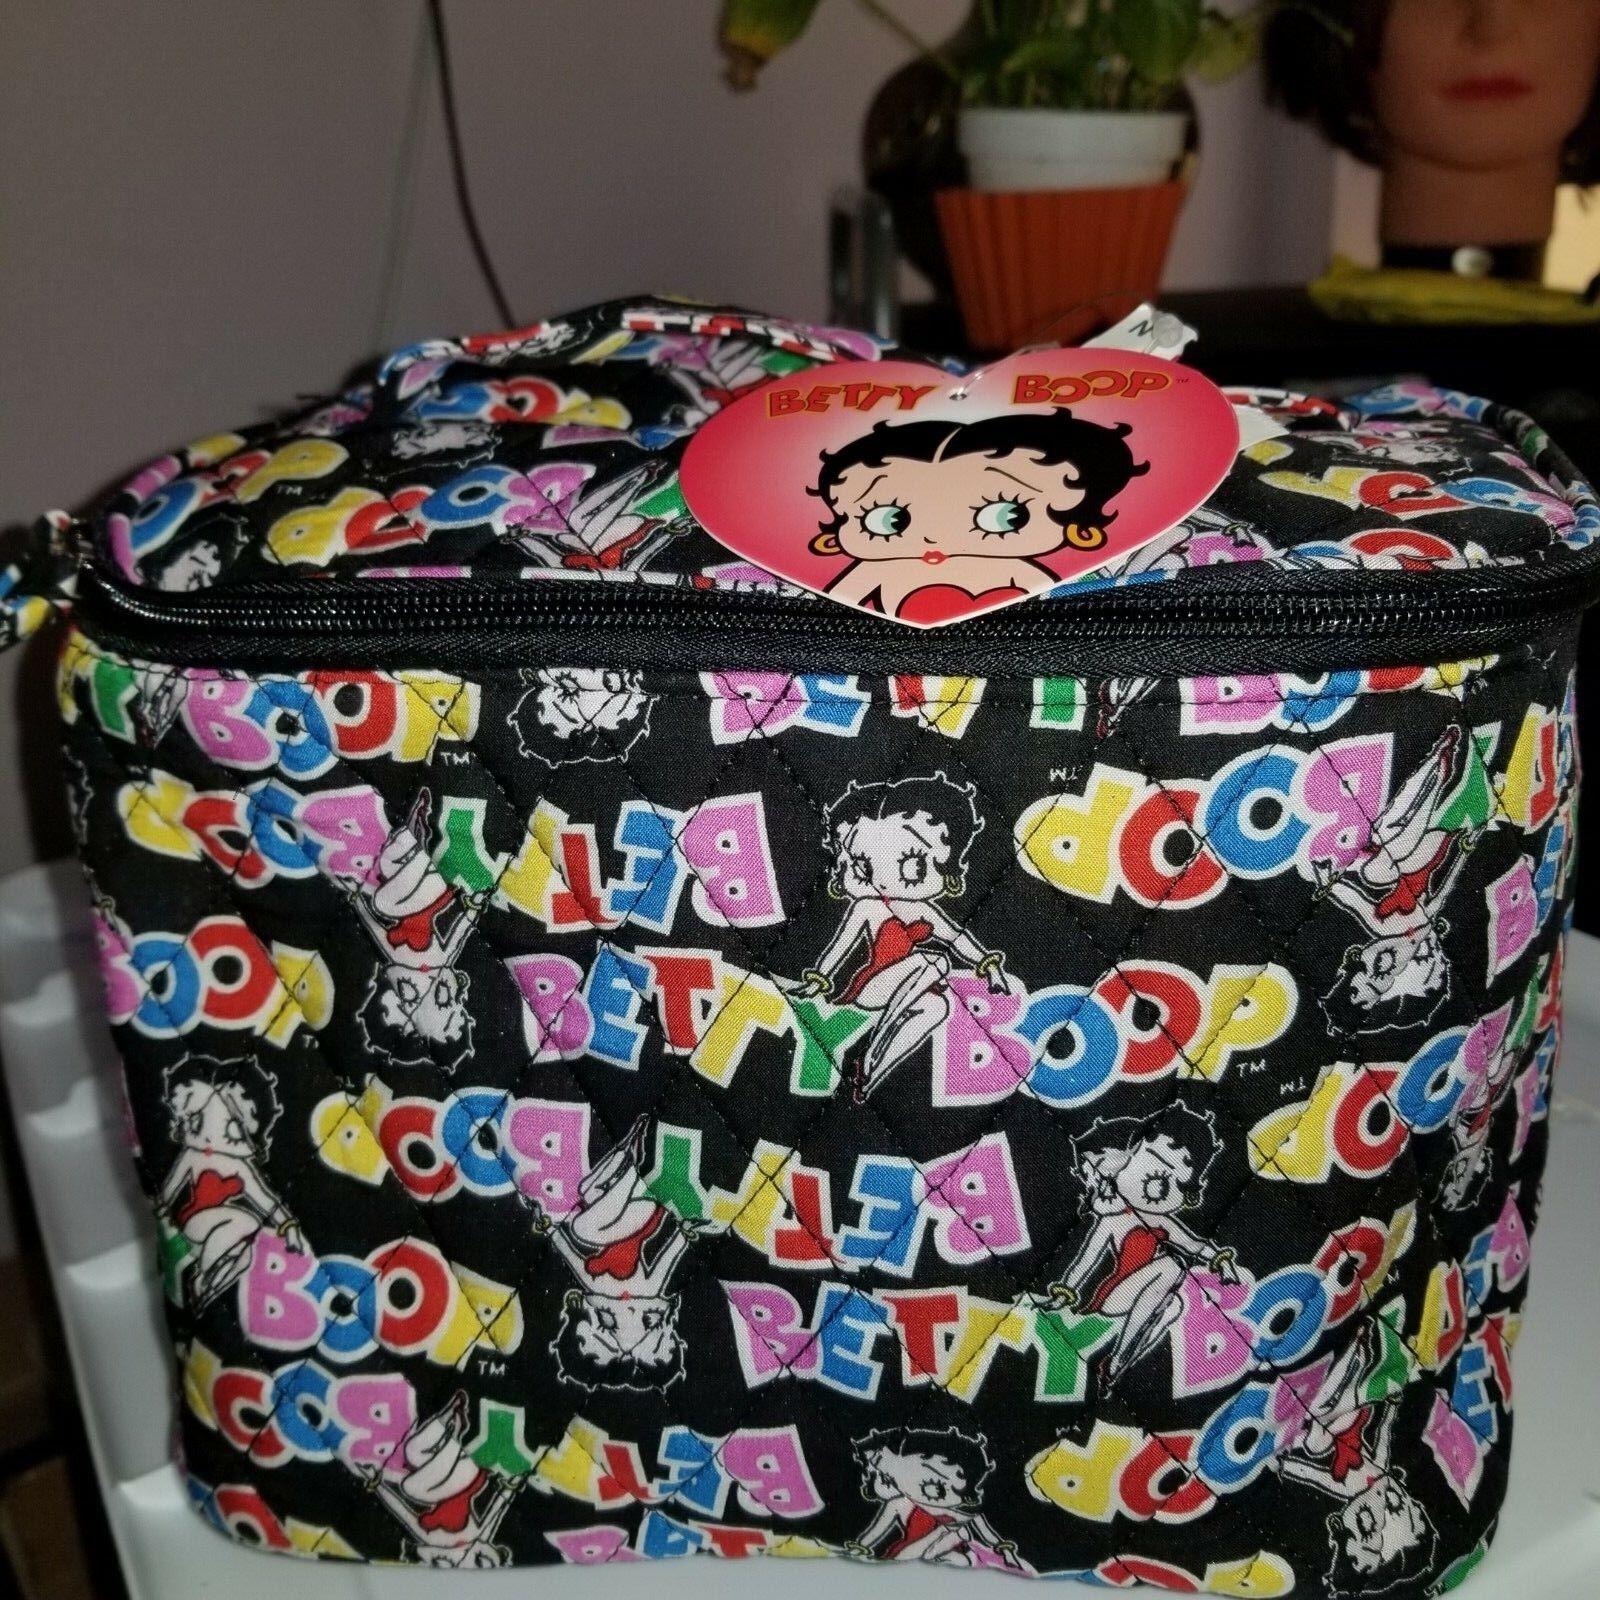 Betty Boop Travel Make Up Hanging Wash HANDBAG BAG NEW - $15.99